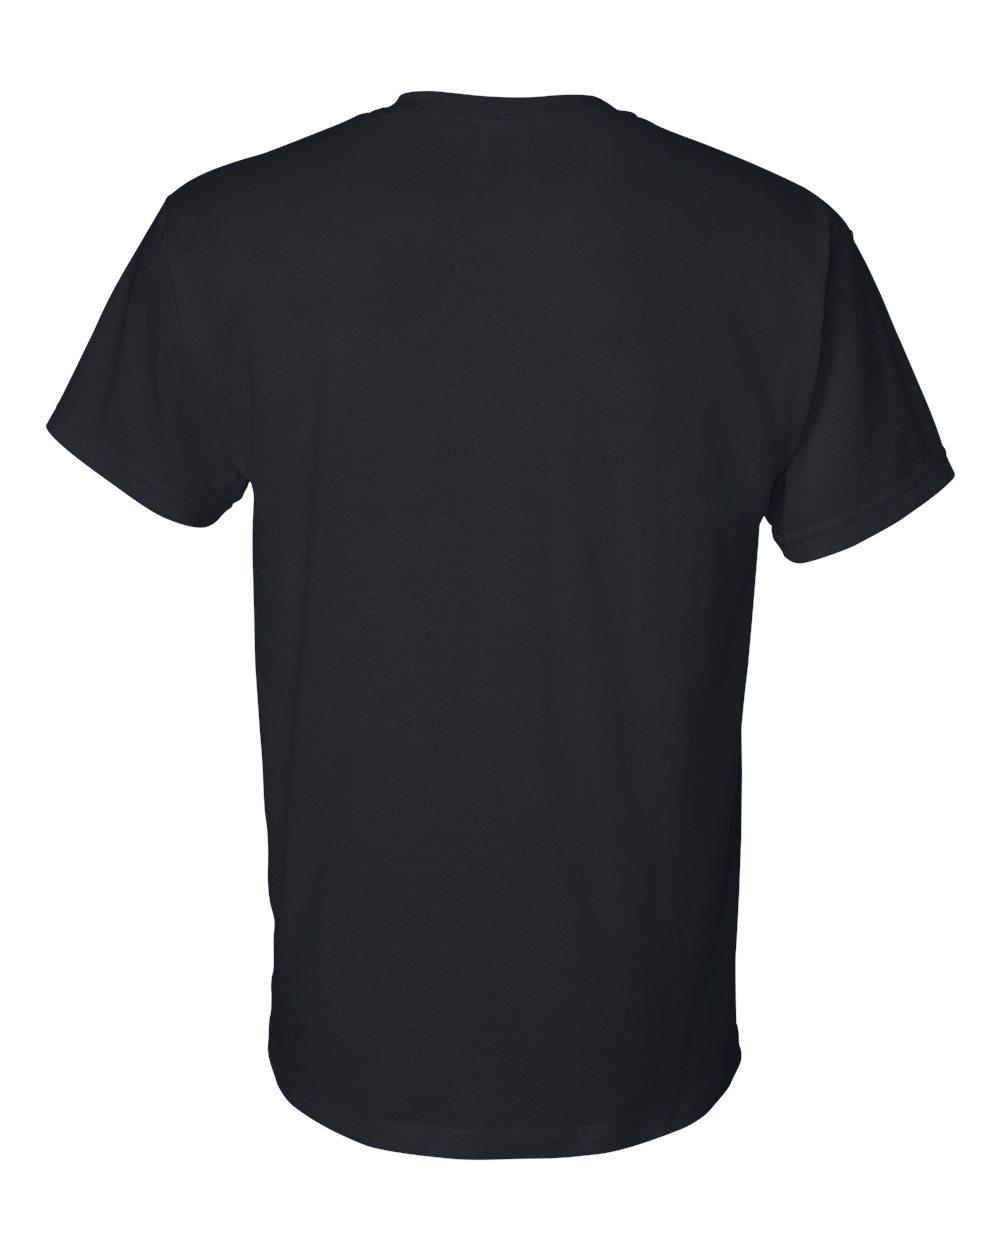 Gildan-Mens-DryBlend-5-6-oz-50-50-T-Shirt-G800-Size-S-5XL thumbnail 12